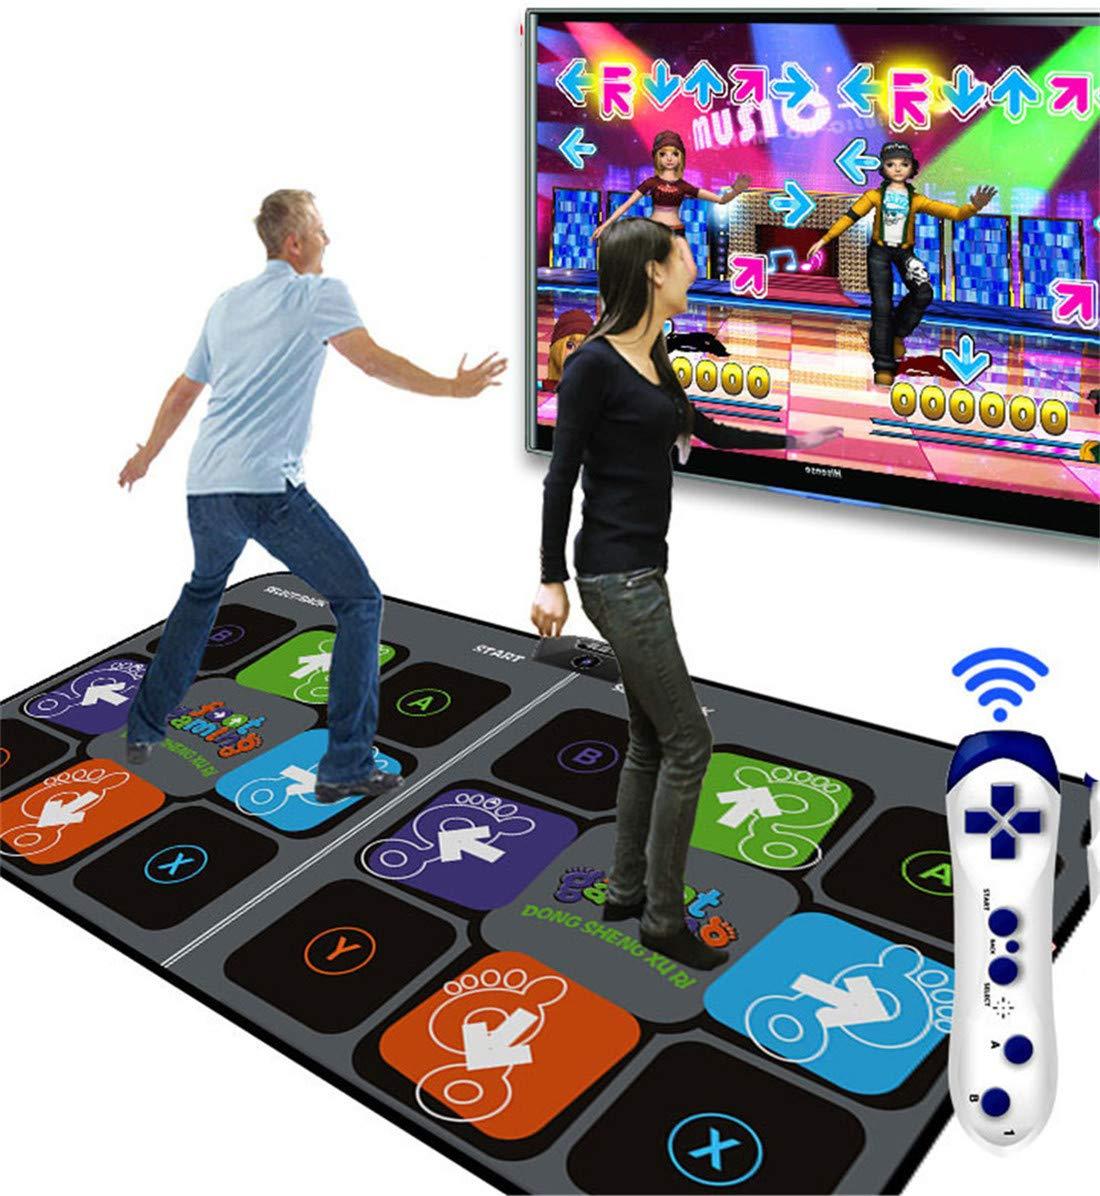 Skiout Tapis De Danse Double avec Manette De Jeu Tapis Musical De Danse RéVolution Antidérapant pour Adultes/Enfants TV Computer